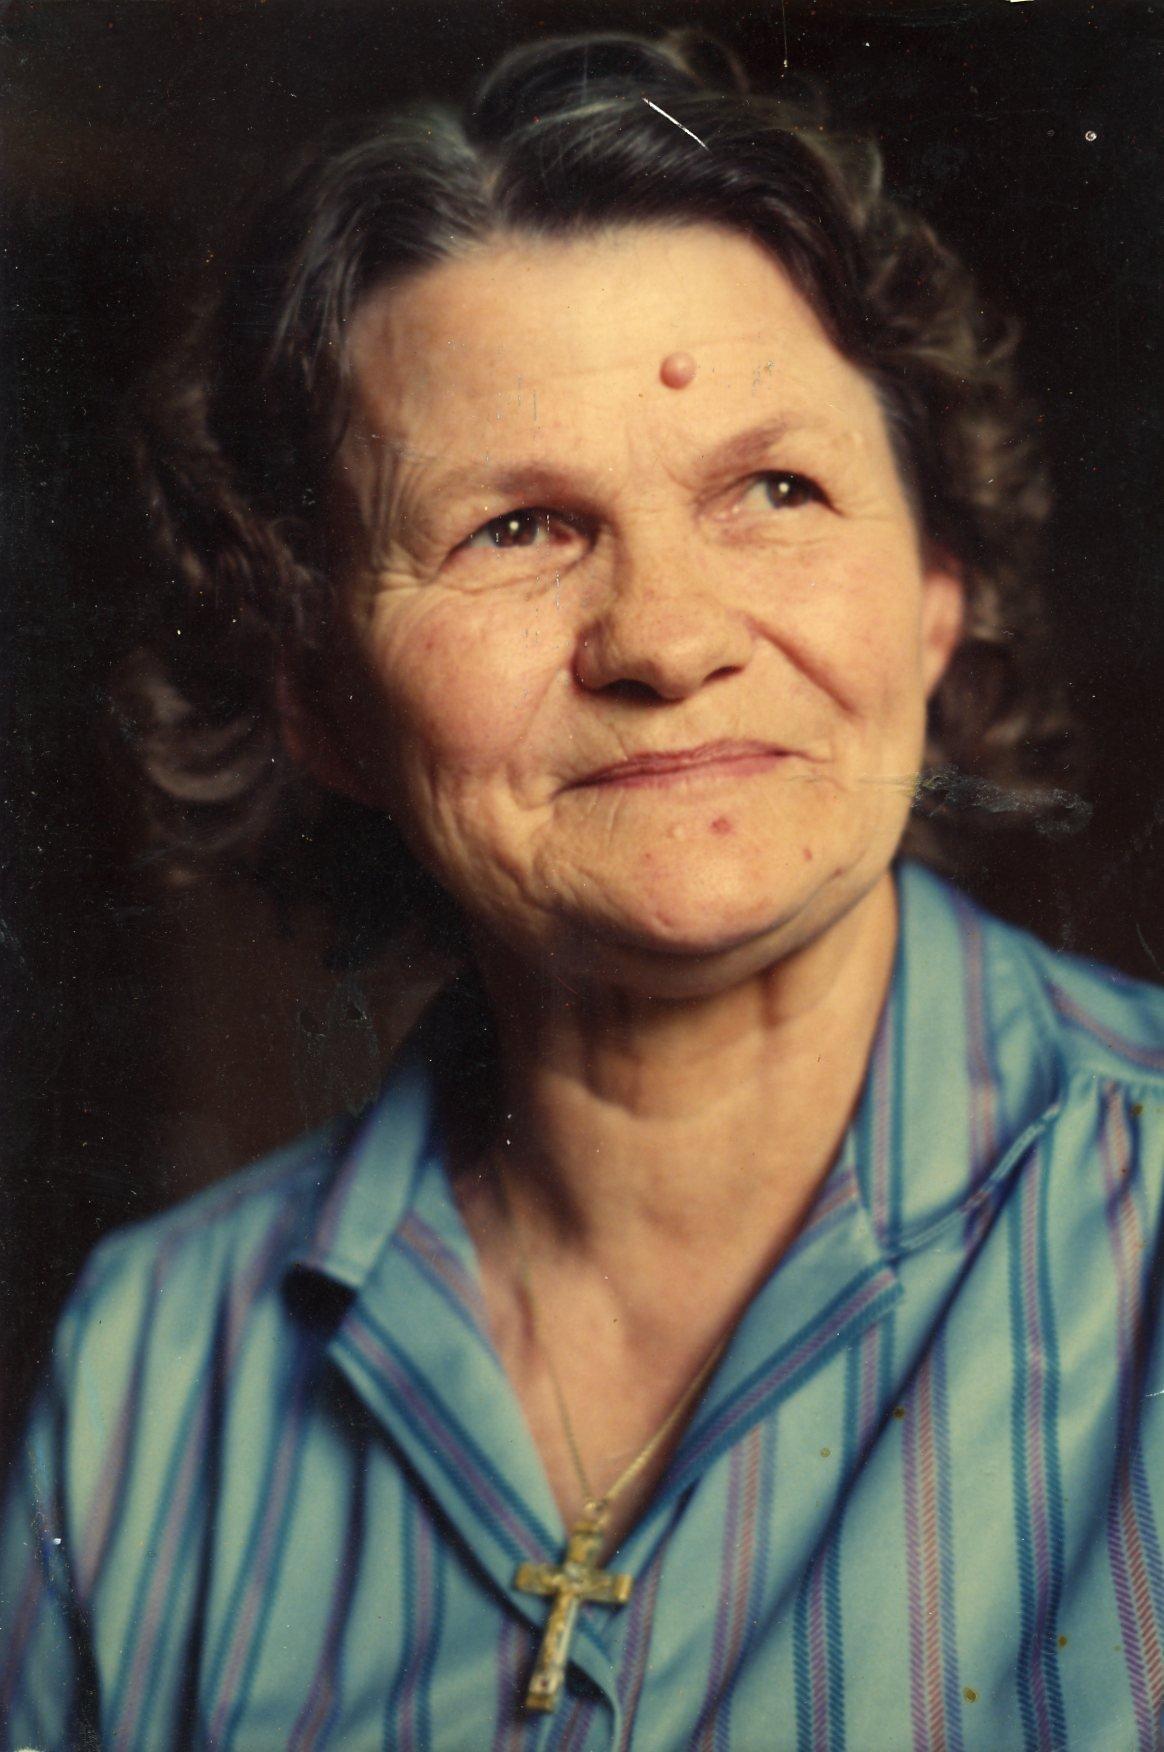 Nellie HiIIyard HiIIyard